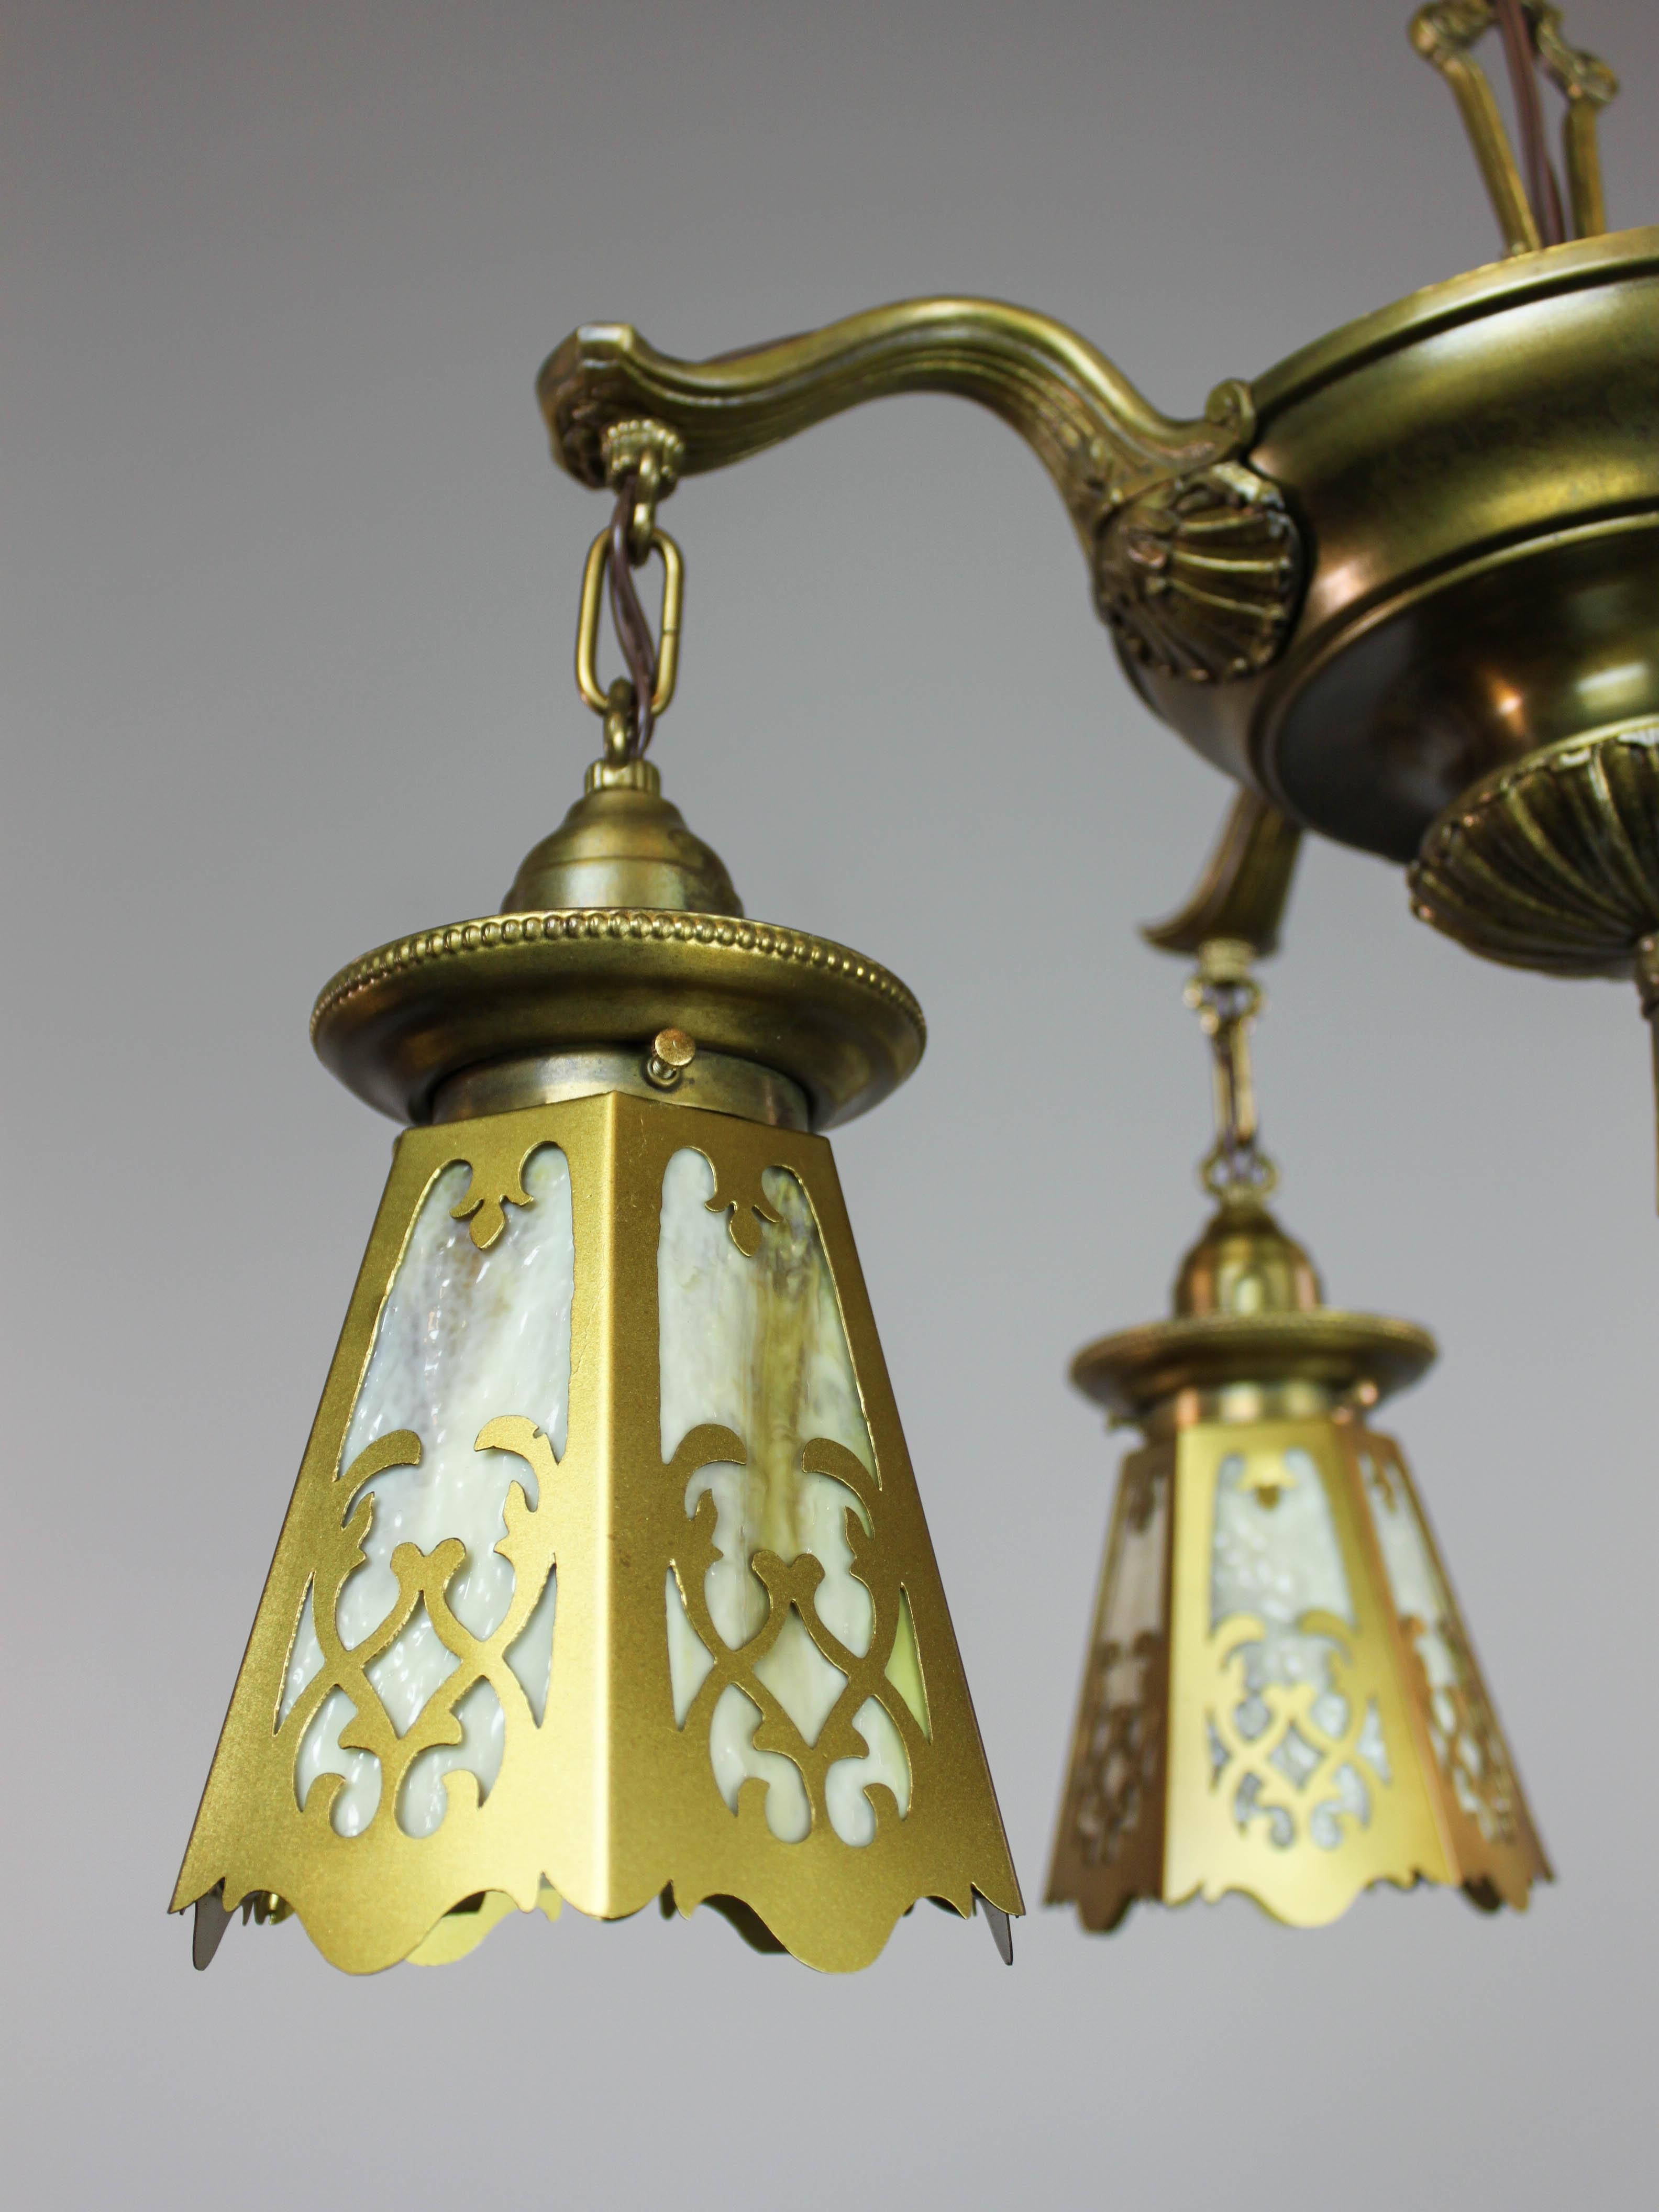 Antique Colonial Revival Pan Light Fixture 4 Light